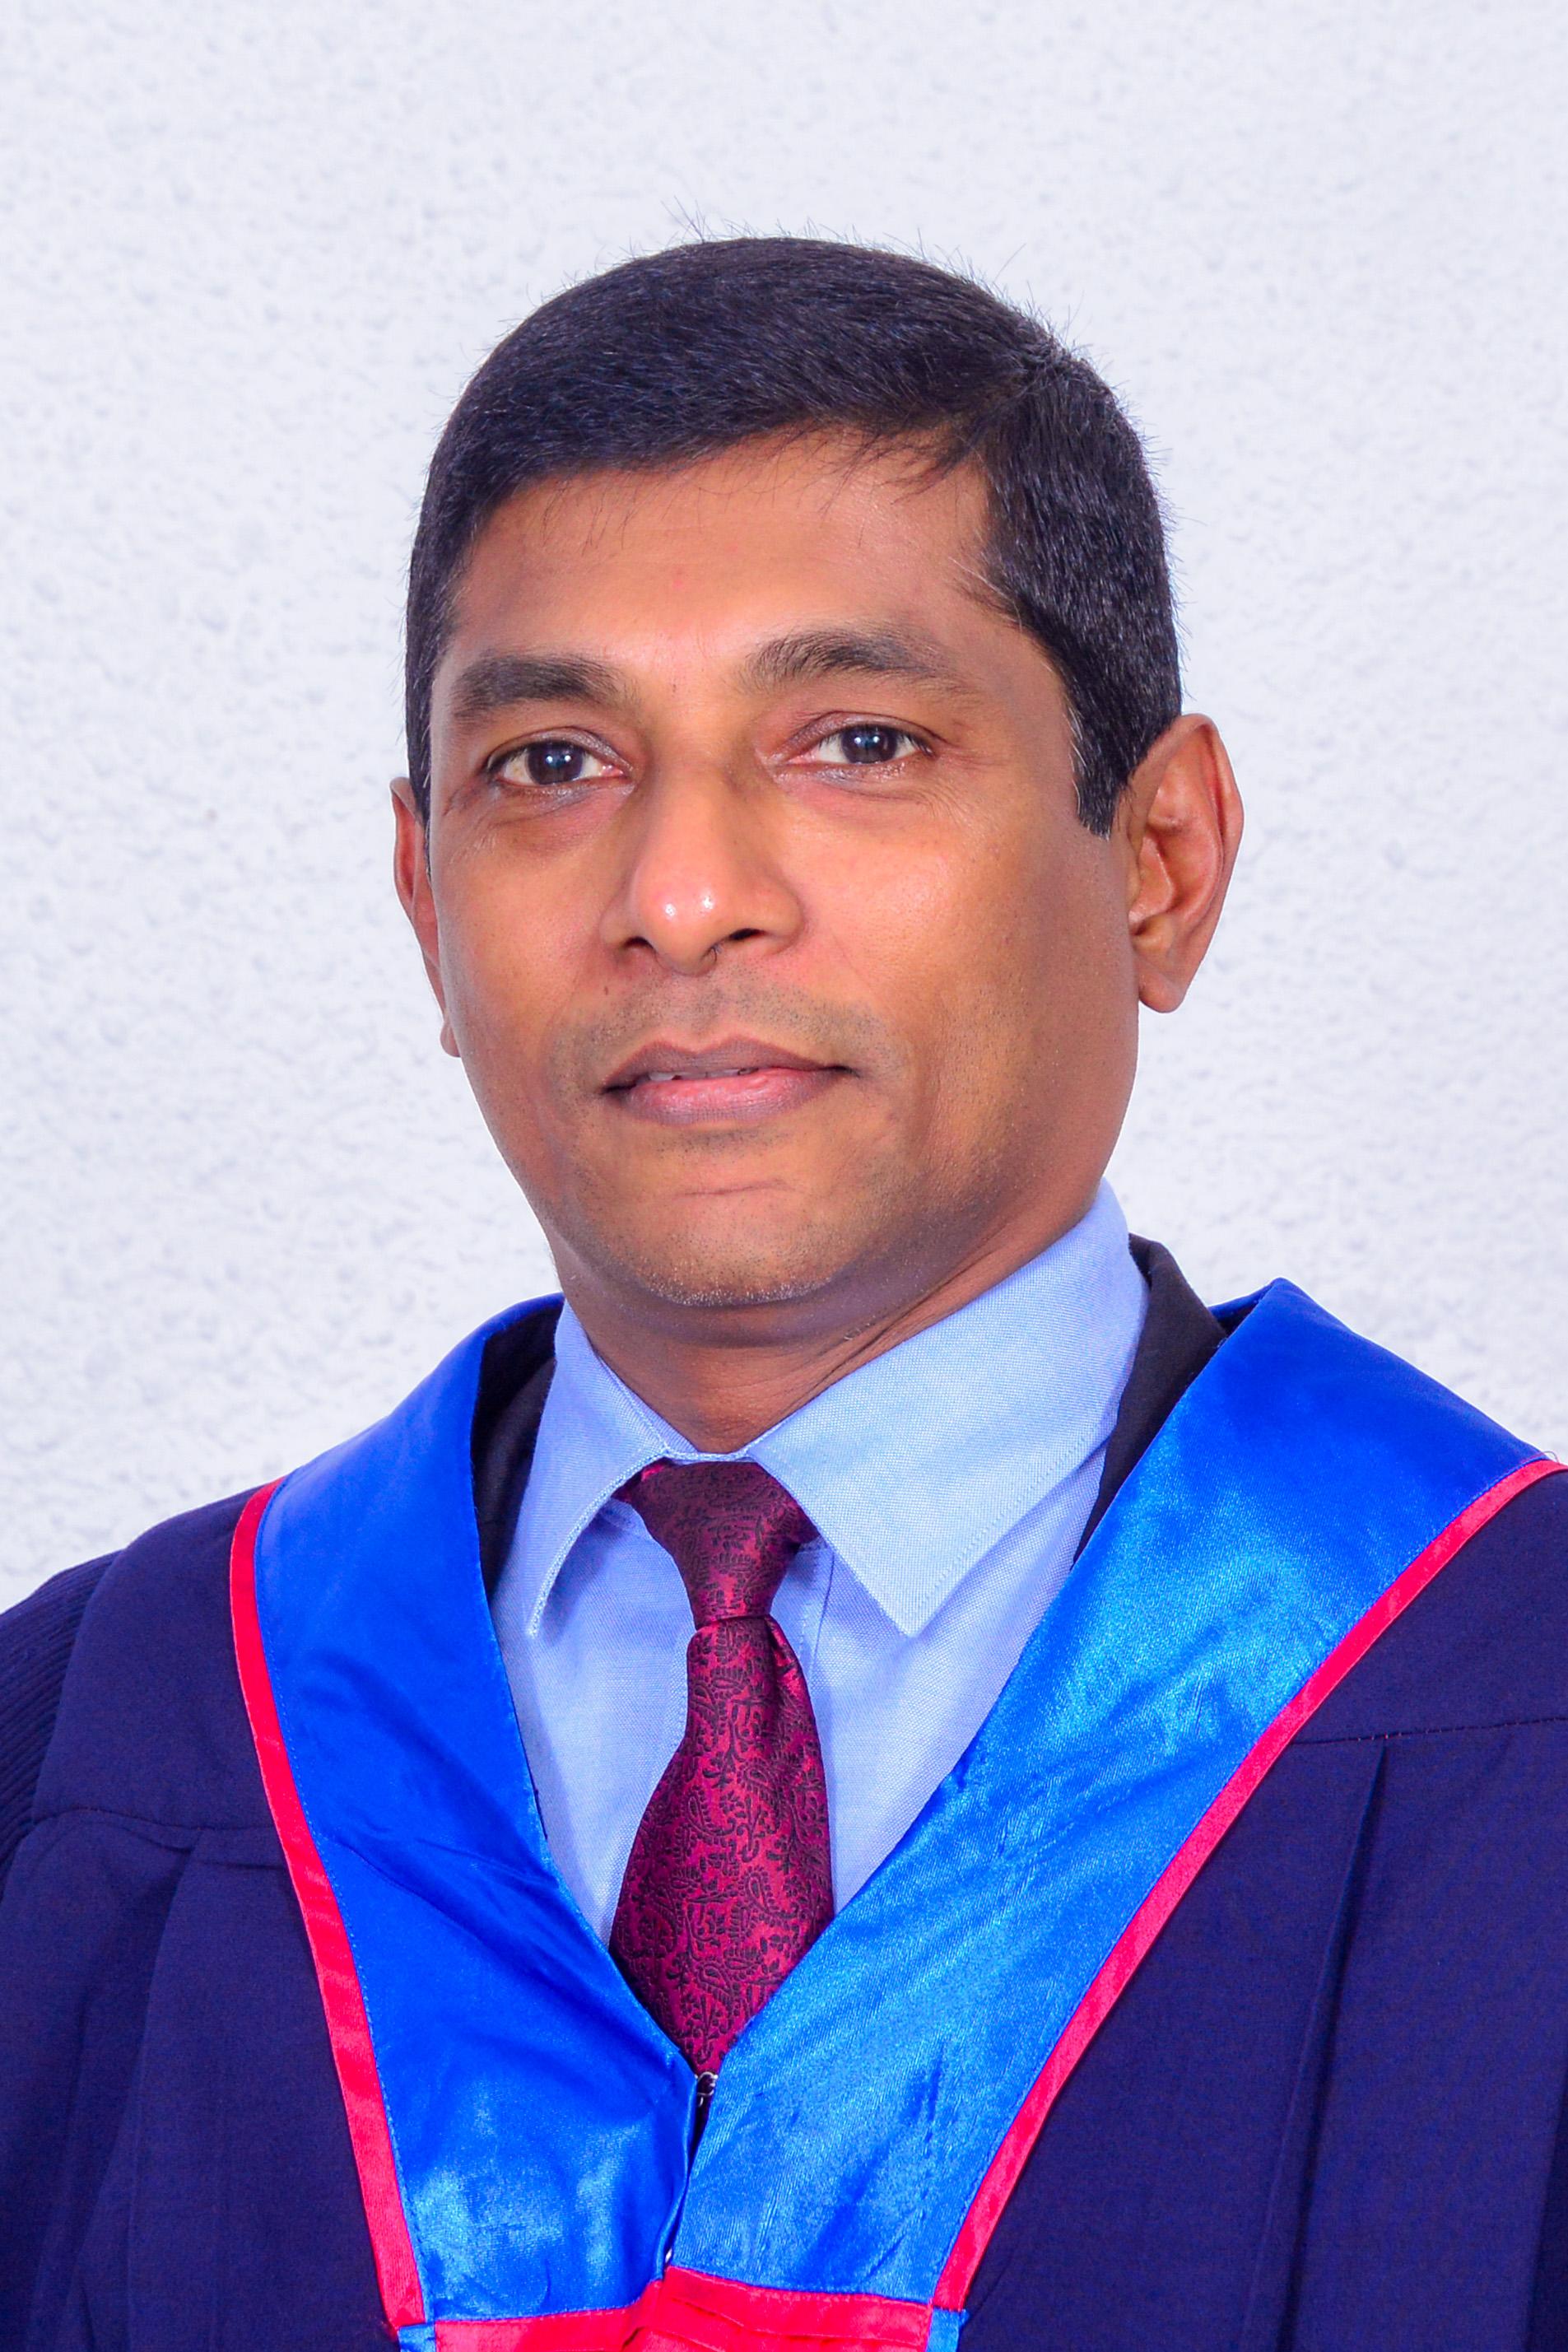 Dr. Kapila Jayaratne